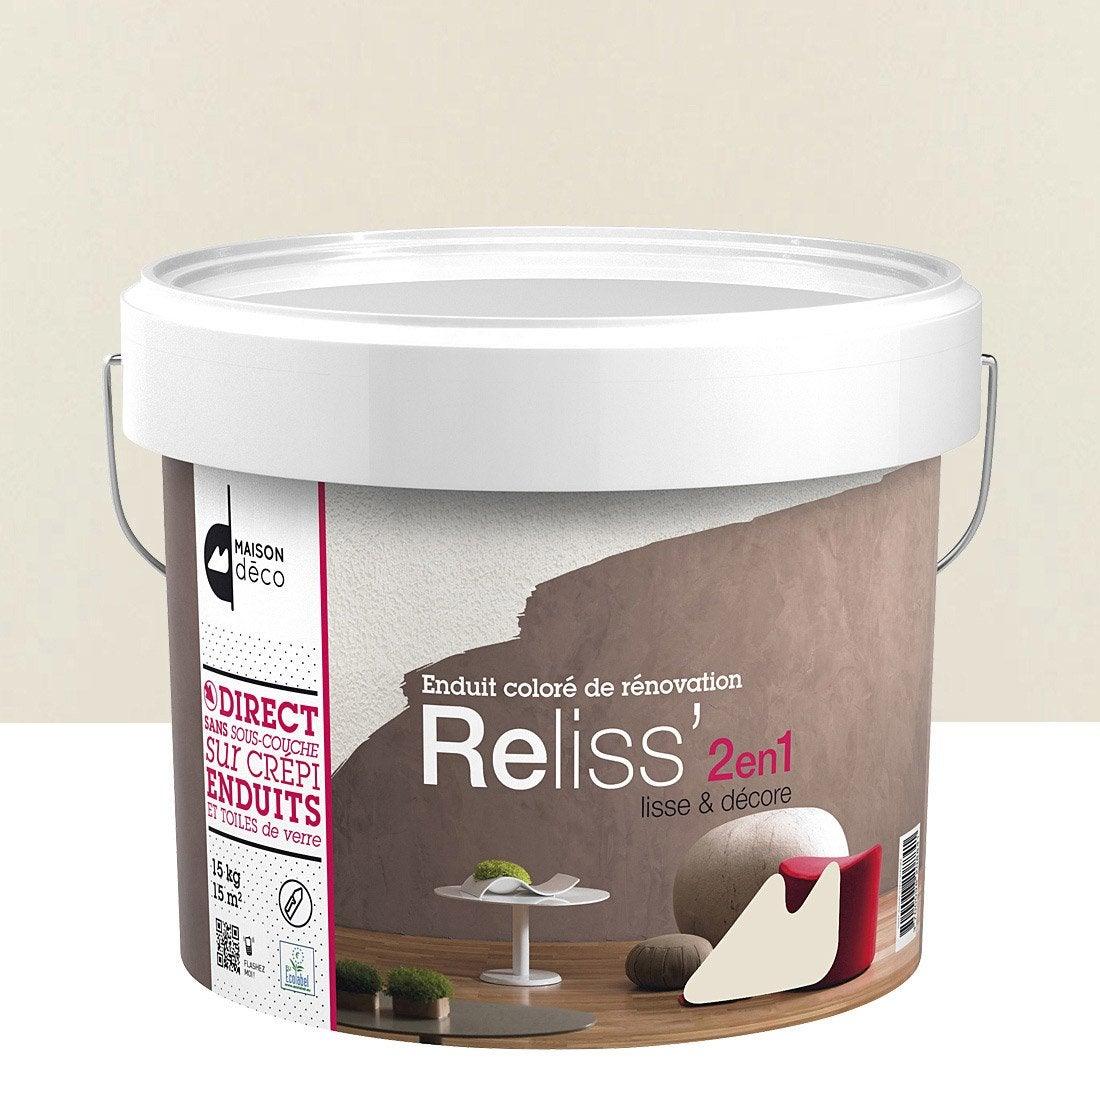 Peinture effet reliss 2 en 1 maison deco laine 15 kg for Peinture carrelage douche leroy merlin